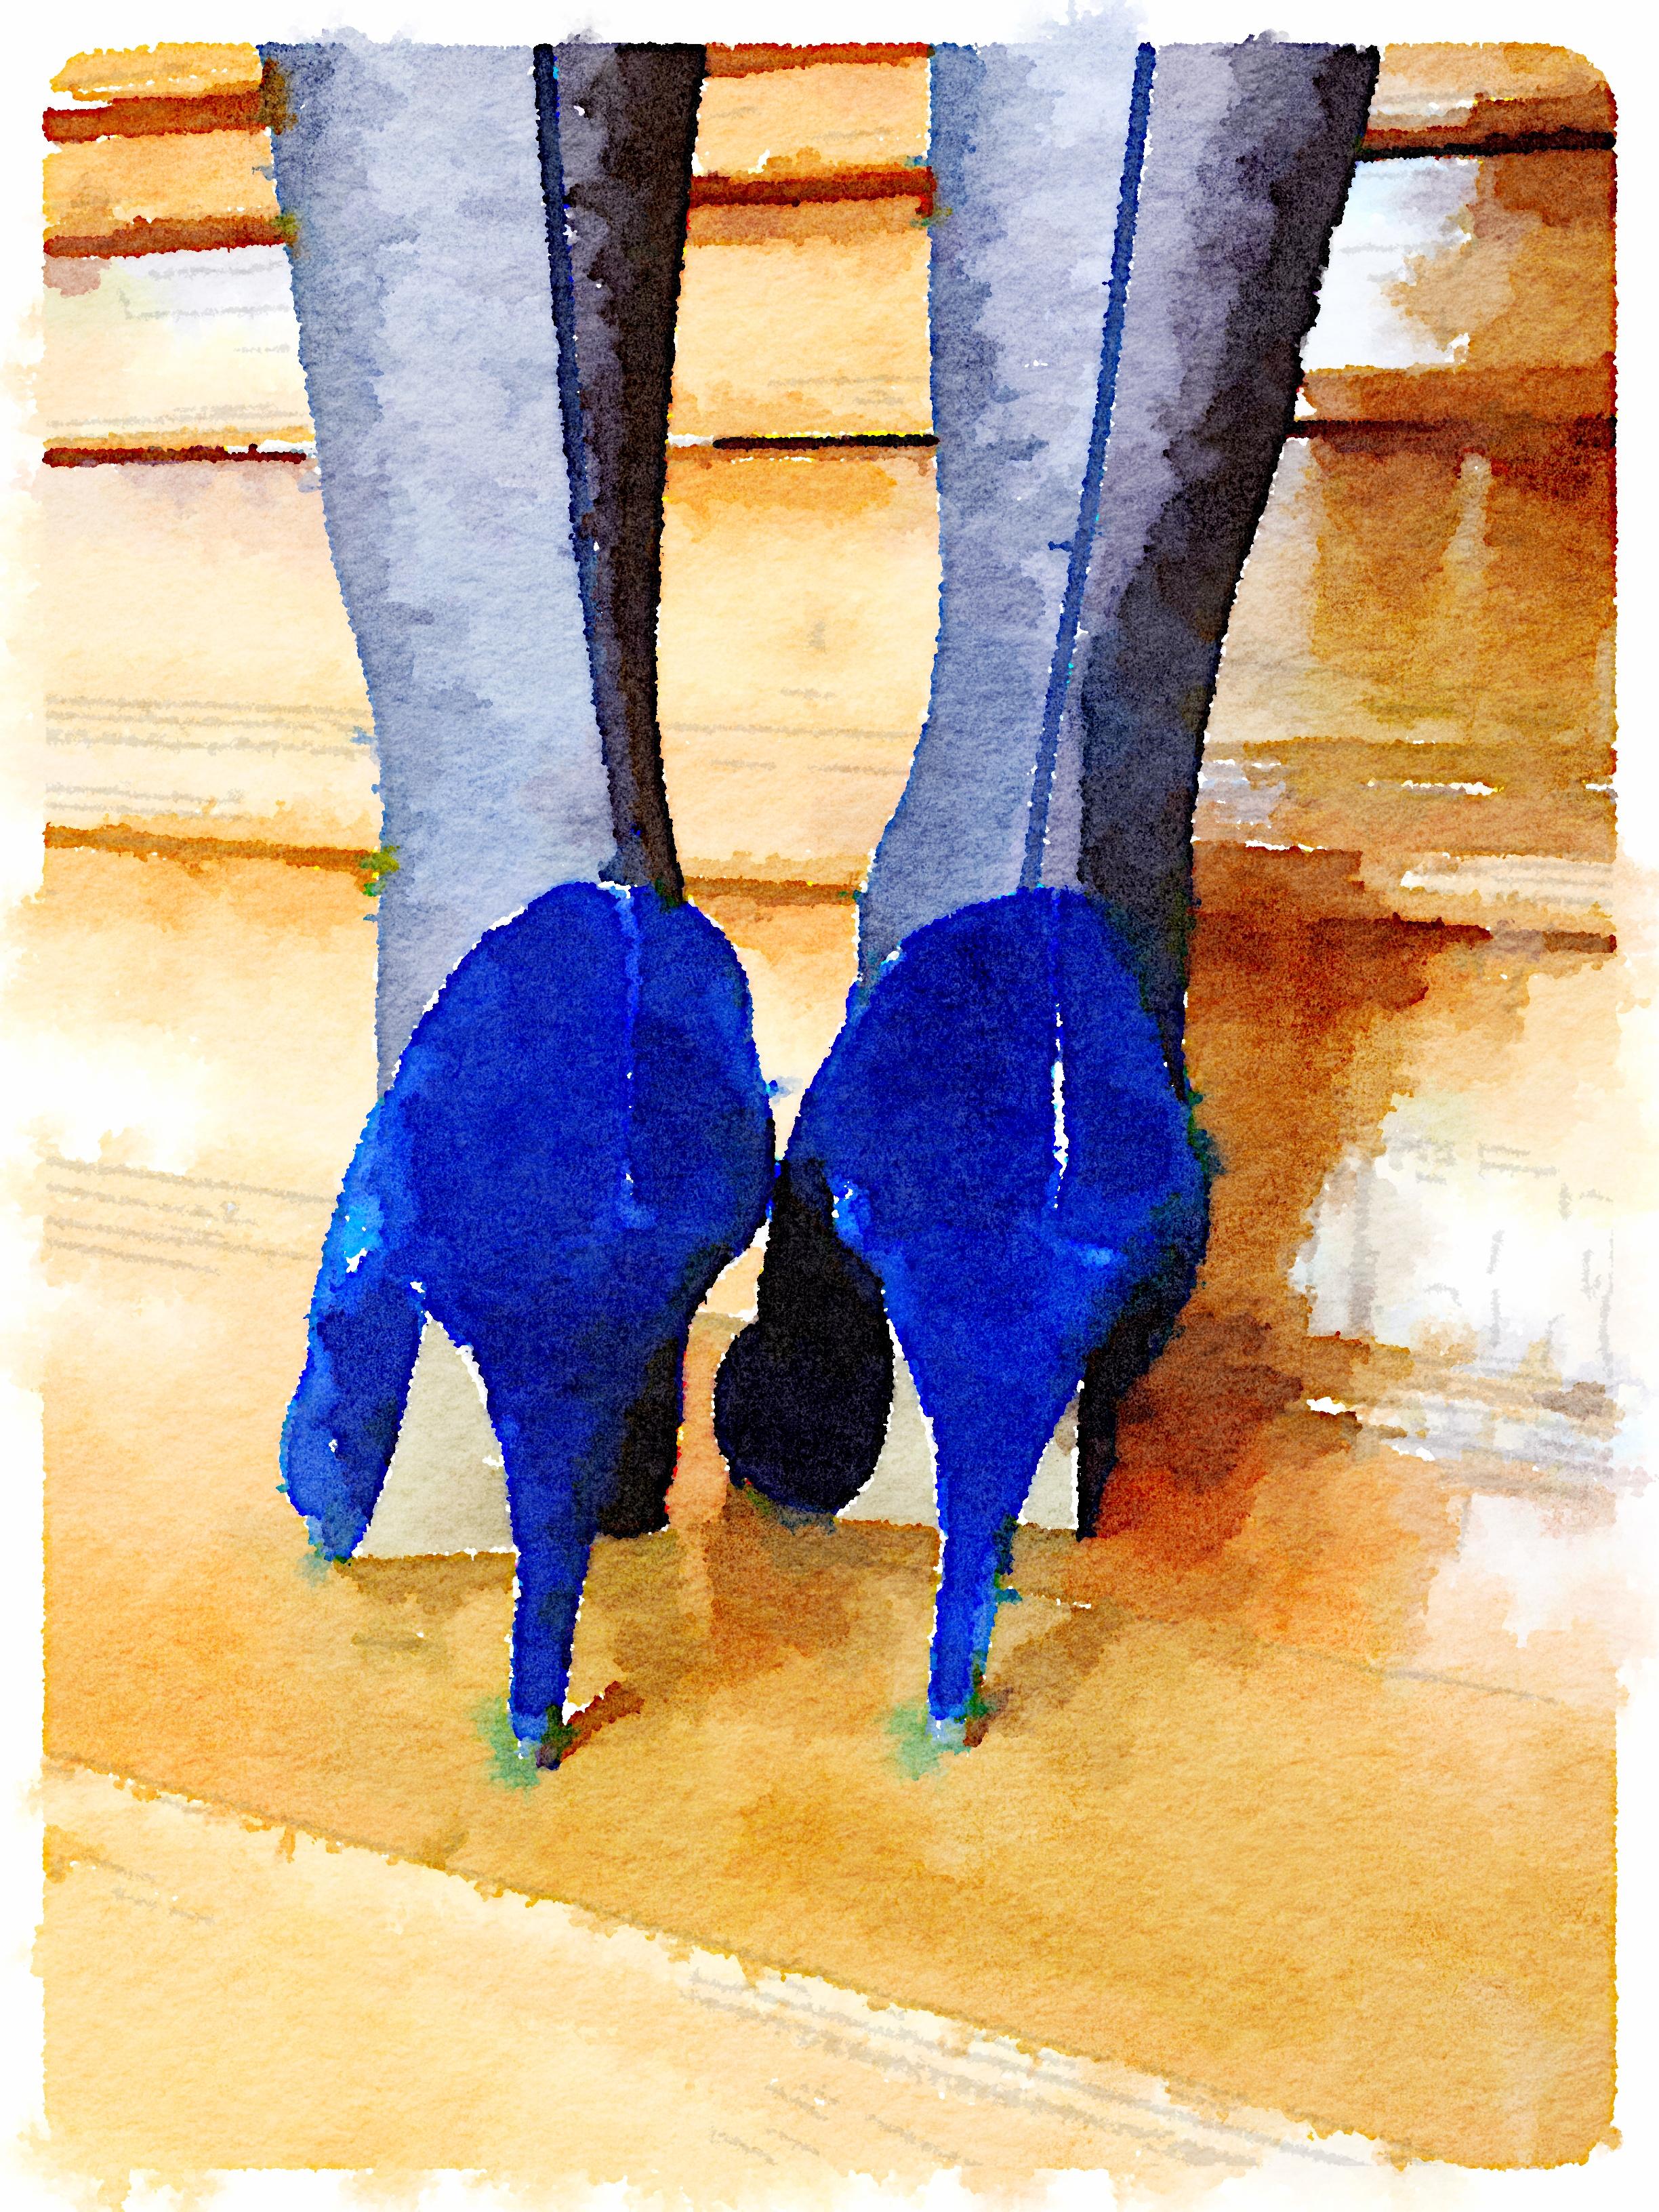 Blue High Heels Art Print